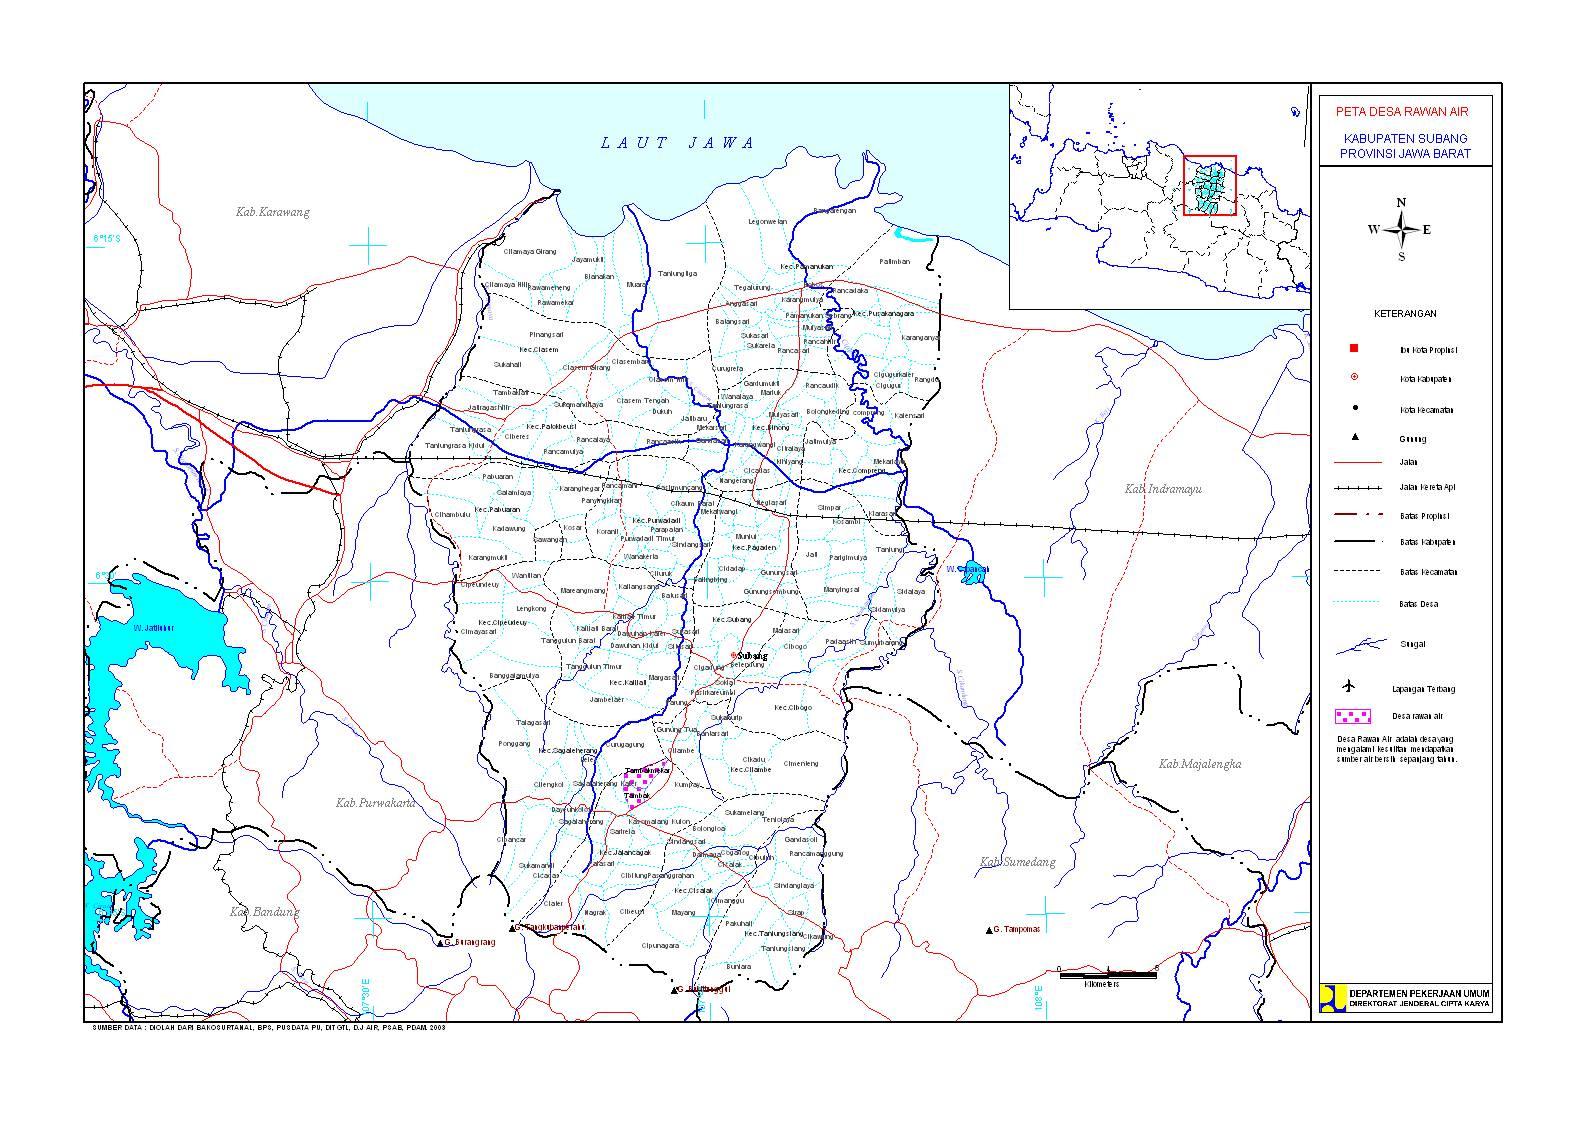 Geografi dan Topografi Kota Subang | Referensi Sahabat